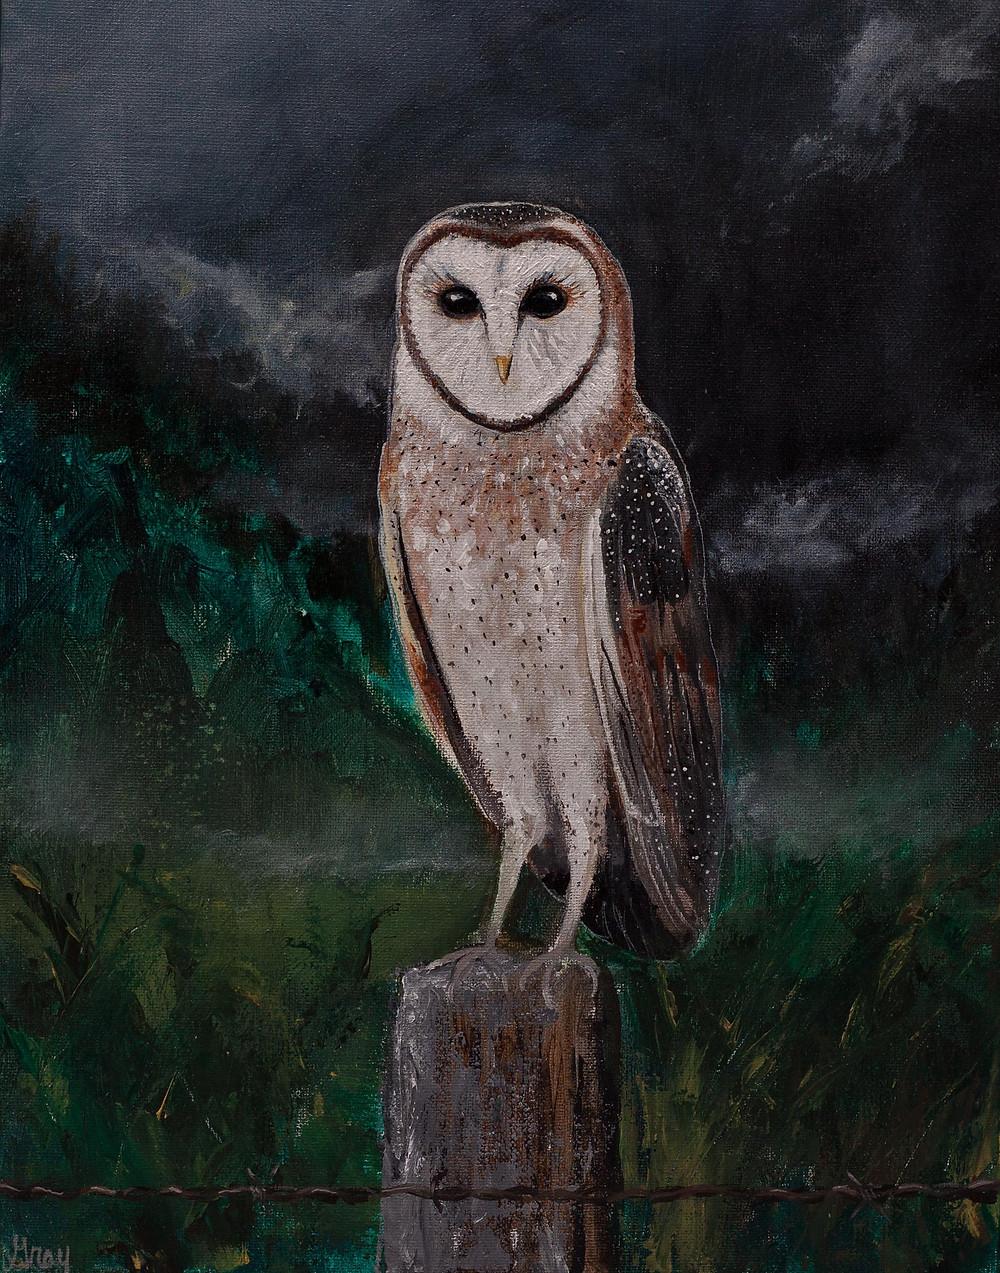 Barn Owl at Dawn by Gray Artus